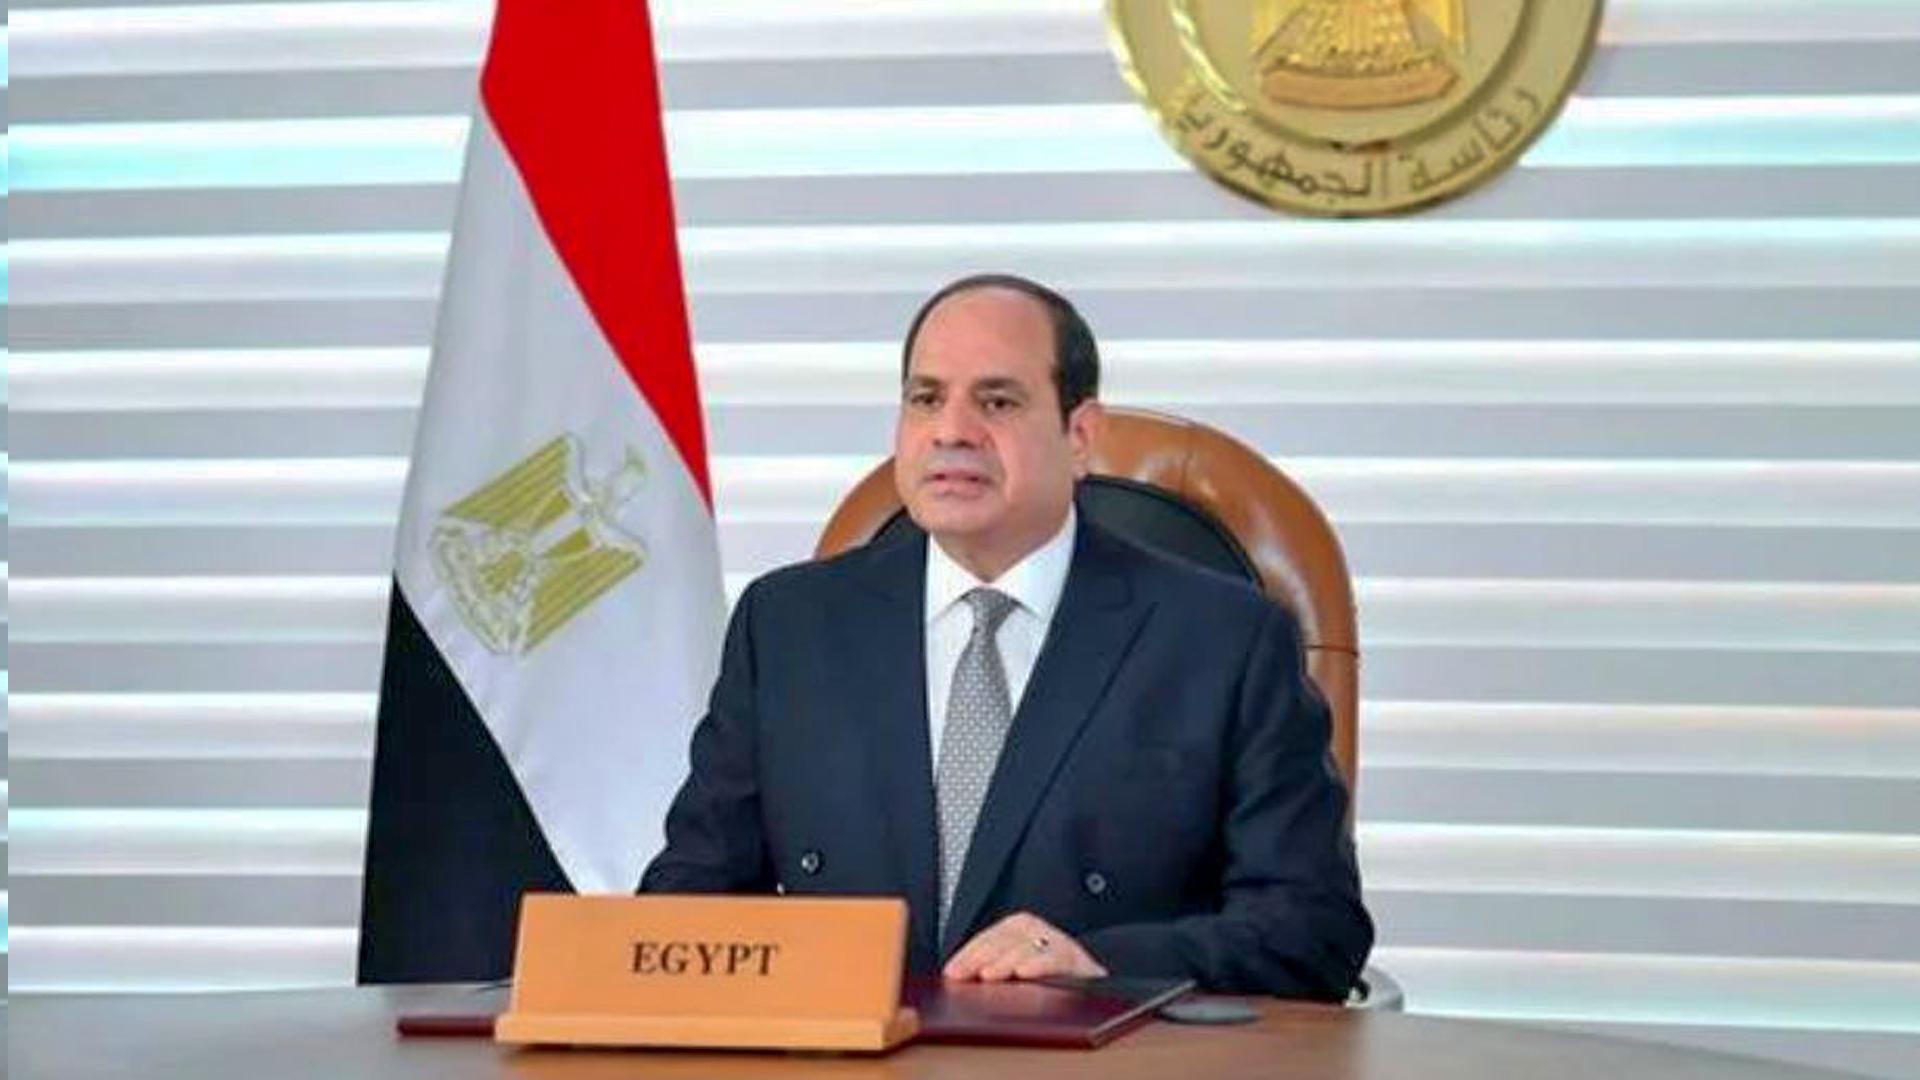 الرئيس السيسي El-Sisi يعلن عن افتتاح مجموعة مشروعات إسكان بديل المناطق غير الأمنة بمدينة 6 أكتوبر